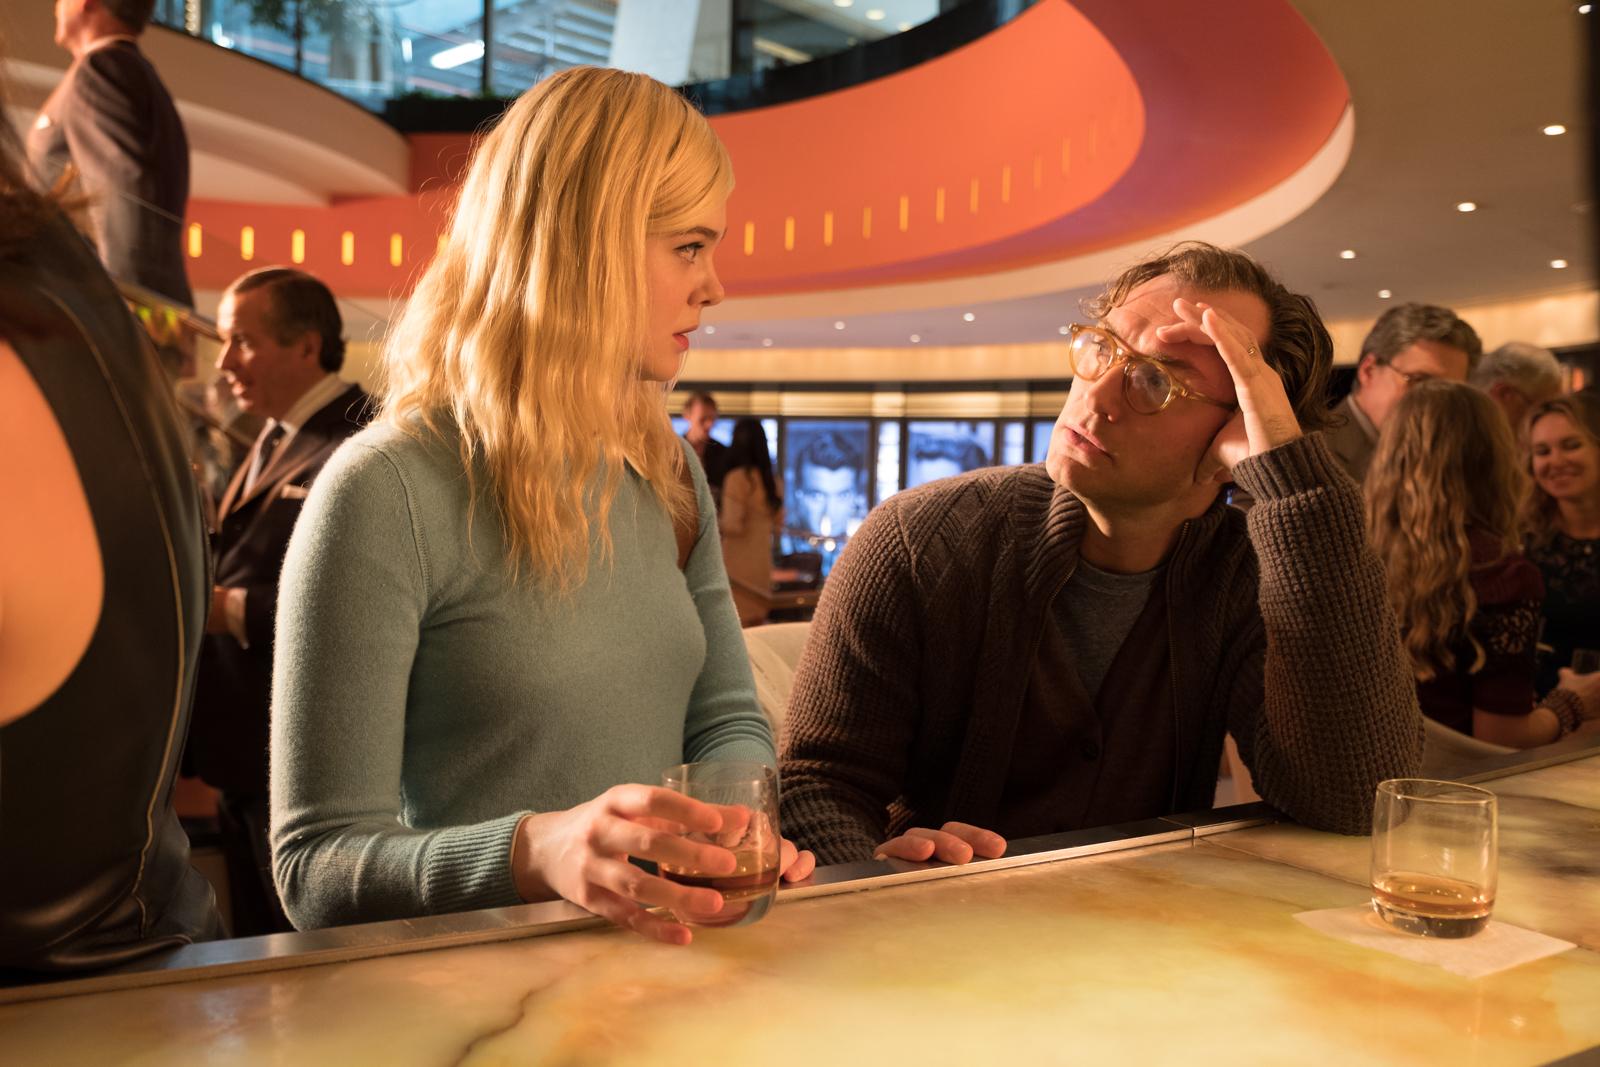 """Das Bild zeigt Ted Davidhoff (Jude Law) und Ashleigh (Elle Fanning) in dem Film """"A Rainy Day in New York"""". Sie sitzen an einer Bar und Ted redet eindringlich auf Ashleigh ein, die ihn erschrocken anguckt."""